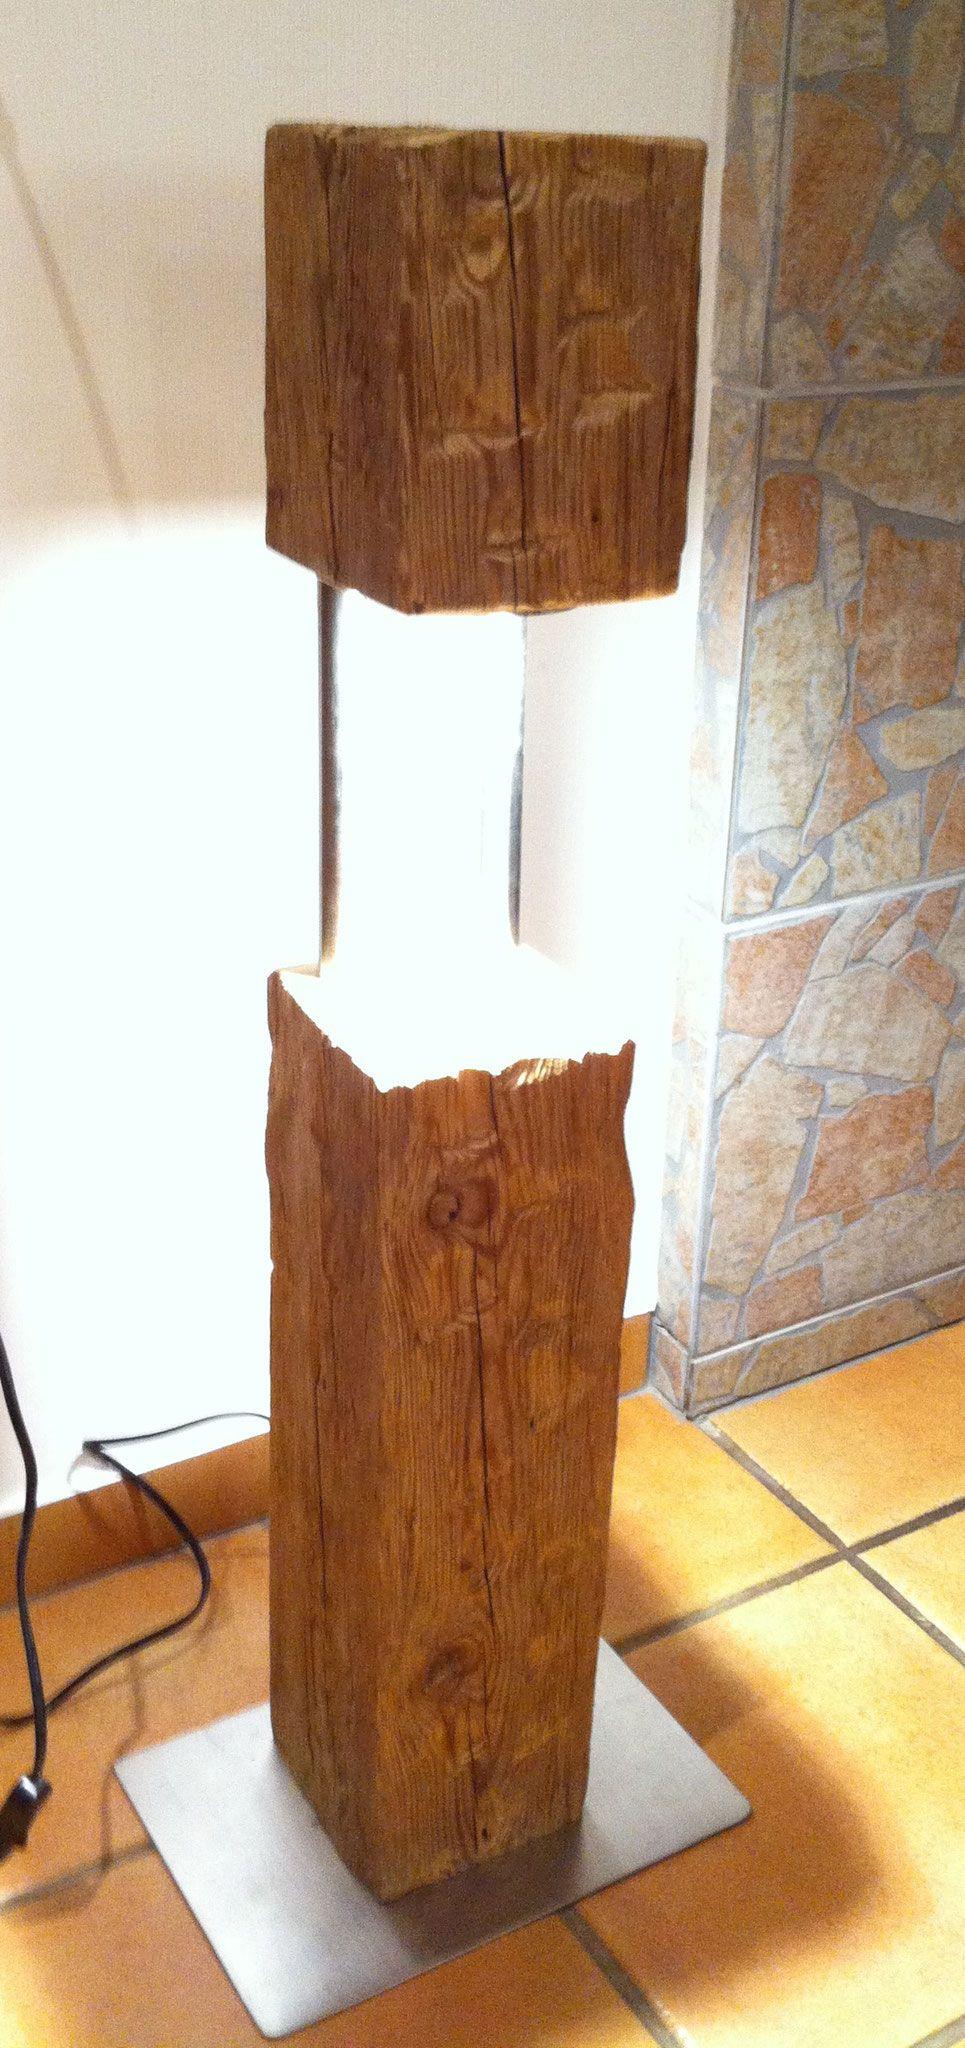 Pin Von Jasmin Auf Einrichten In 2020 Stehlampe Holz Stehlampe